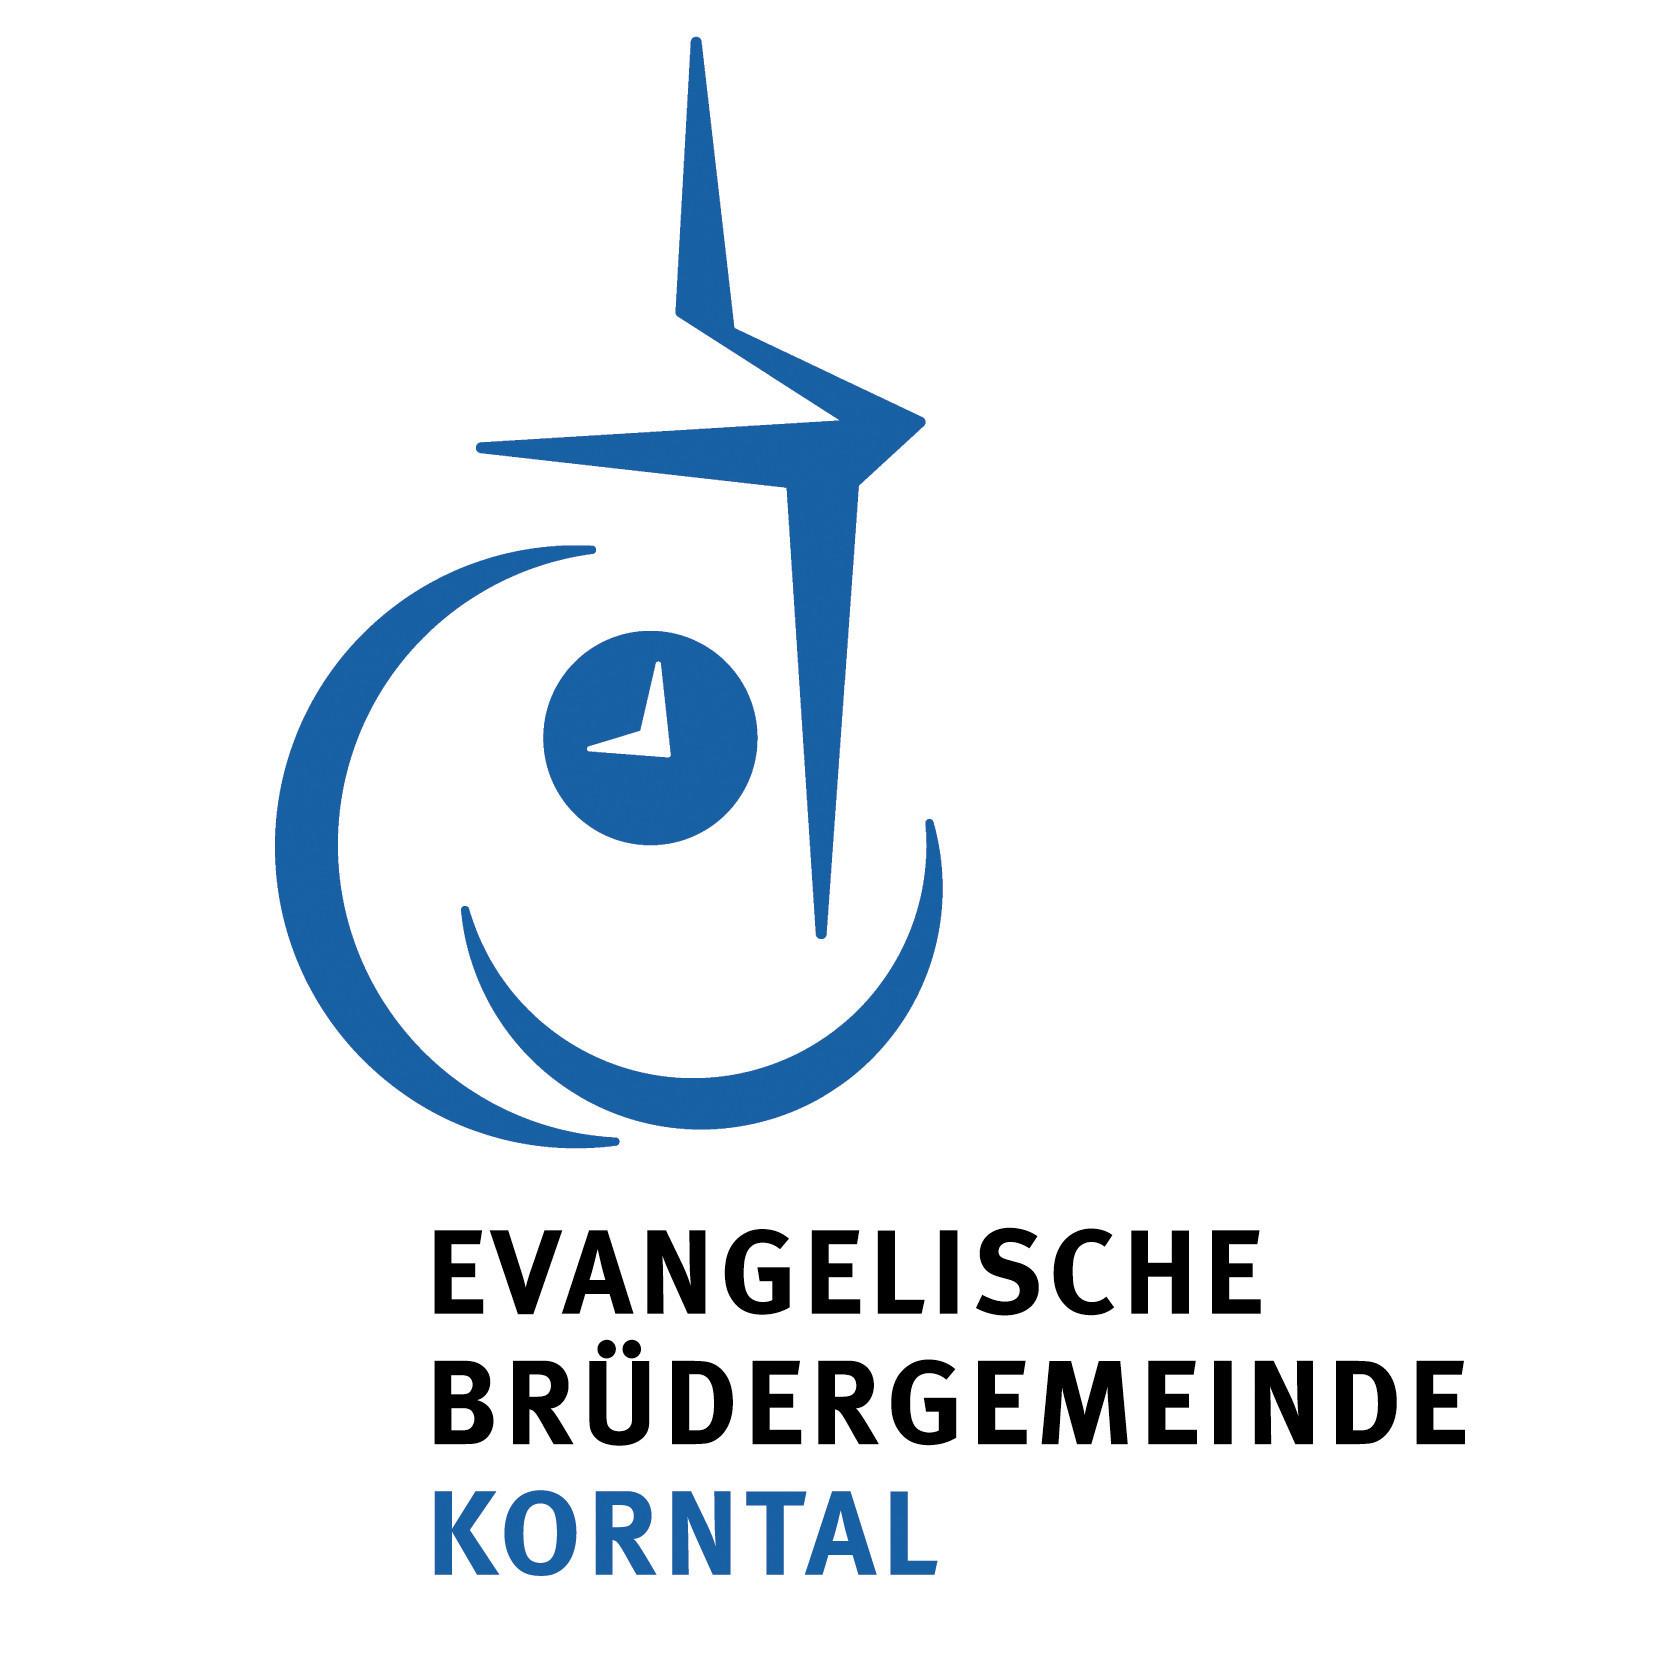 Bildergebnis für brüdergemeinde korntal